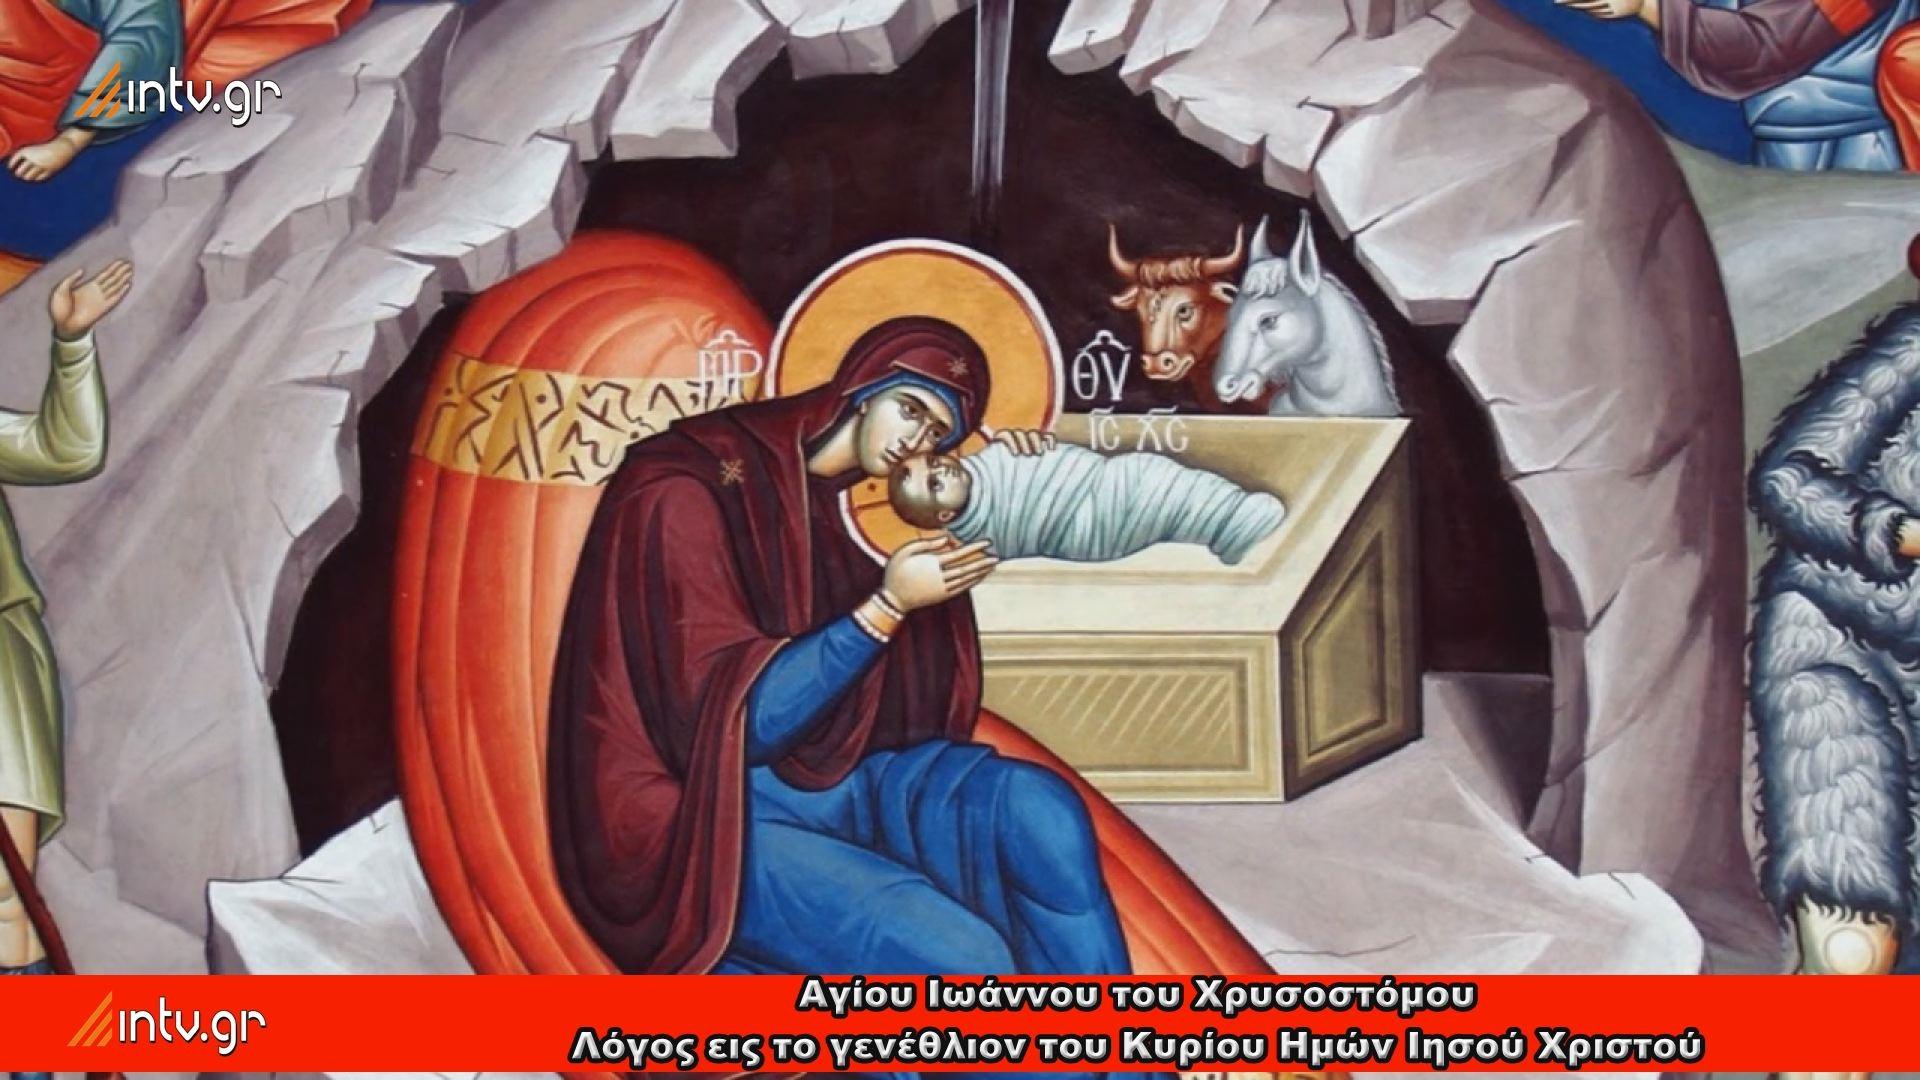 Αγίου Ιωάννου του Χρυσοστόμου - Λόγος εις το γενέθλιον του Κυρίου Ημών Ιησού Χριστού